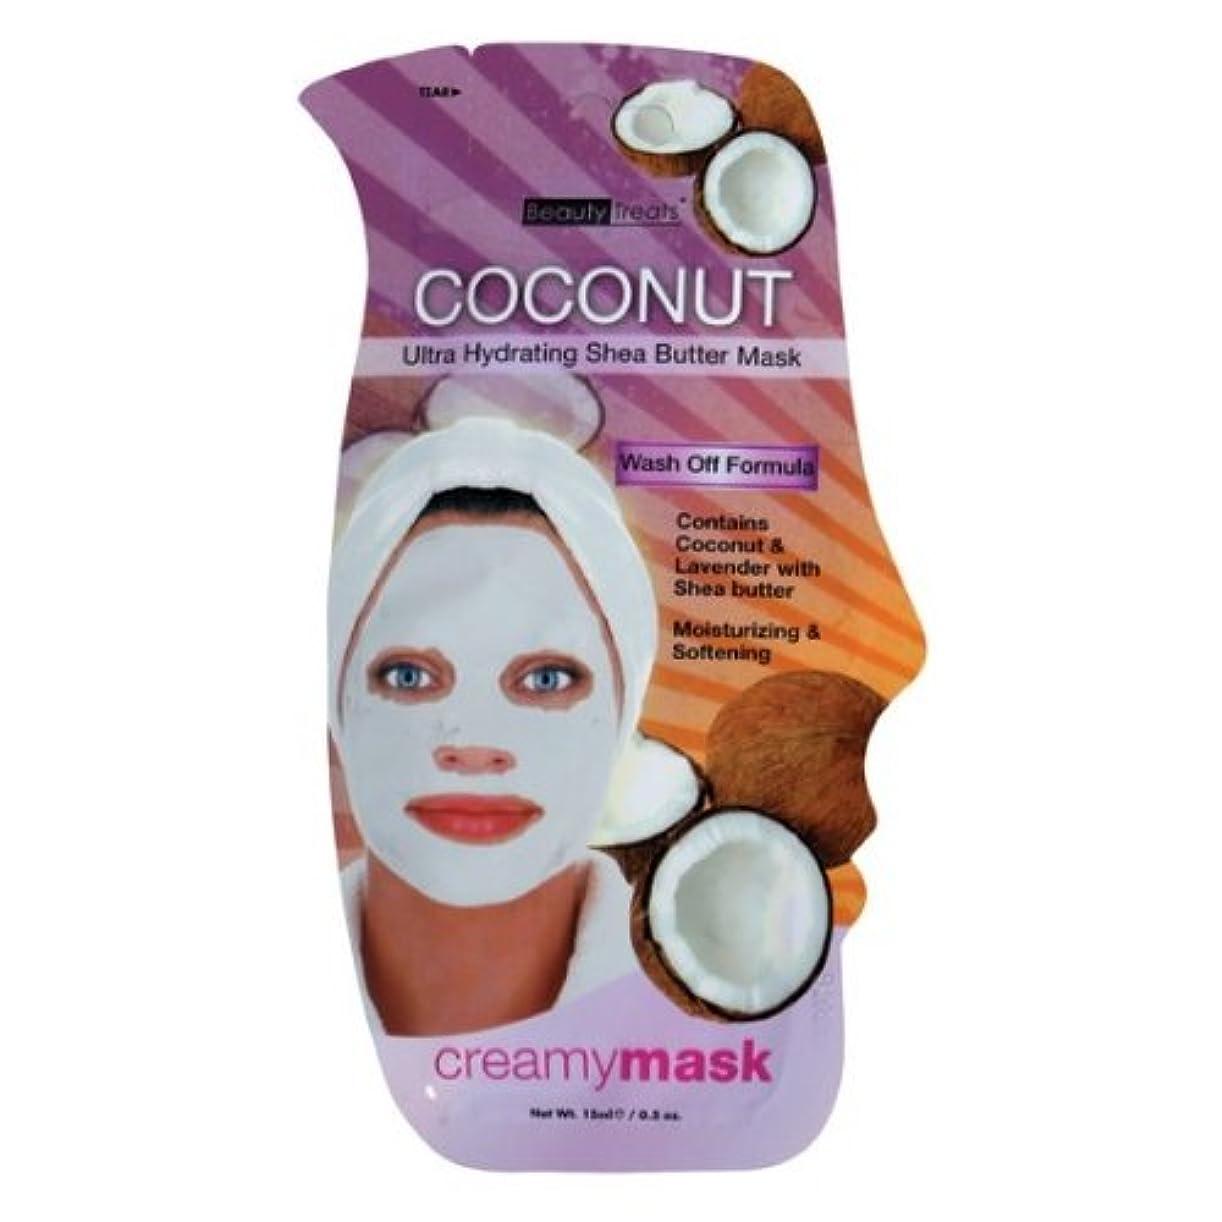 診療所望ましい柔和(6 Pack) BEAUTY TREATS Coconut Ultra Hydrating Shea Butter Mask - Coconut (並行輸入品)